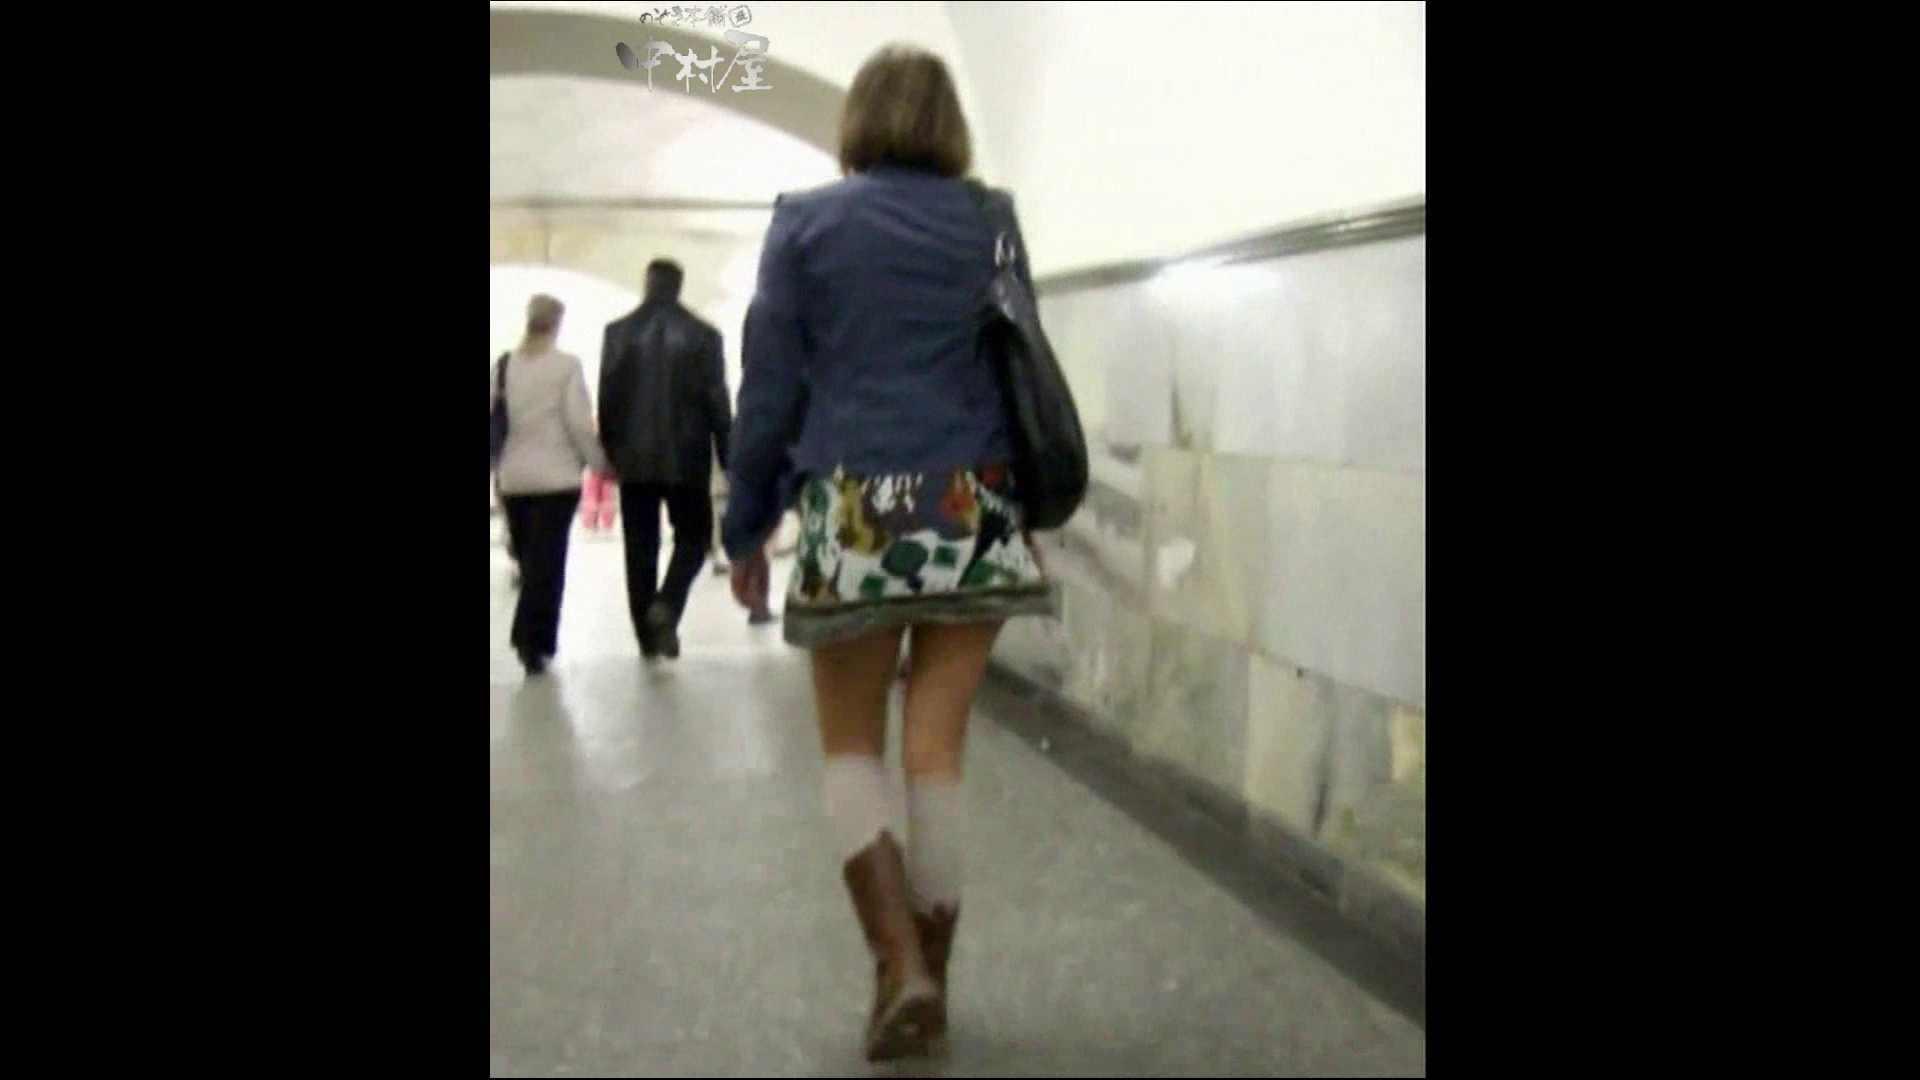 綺麗なモデルさんのスカート捲っちゃおう‼ vol18 モデル アダルト動画キャプチャ 87pic 53